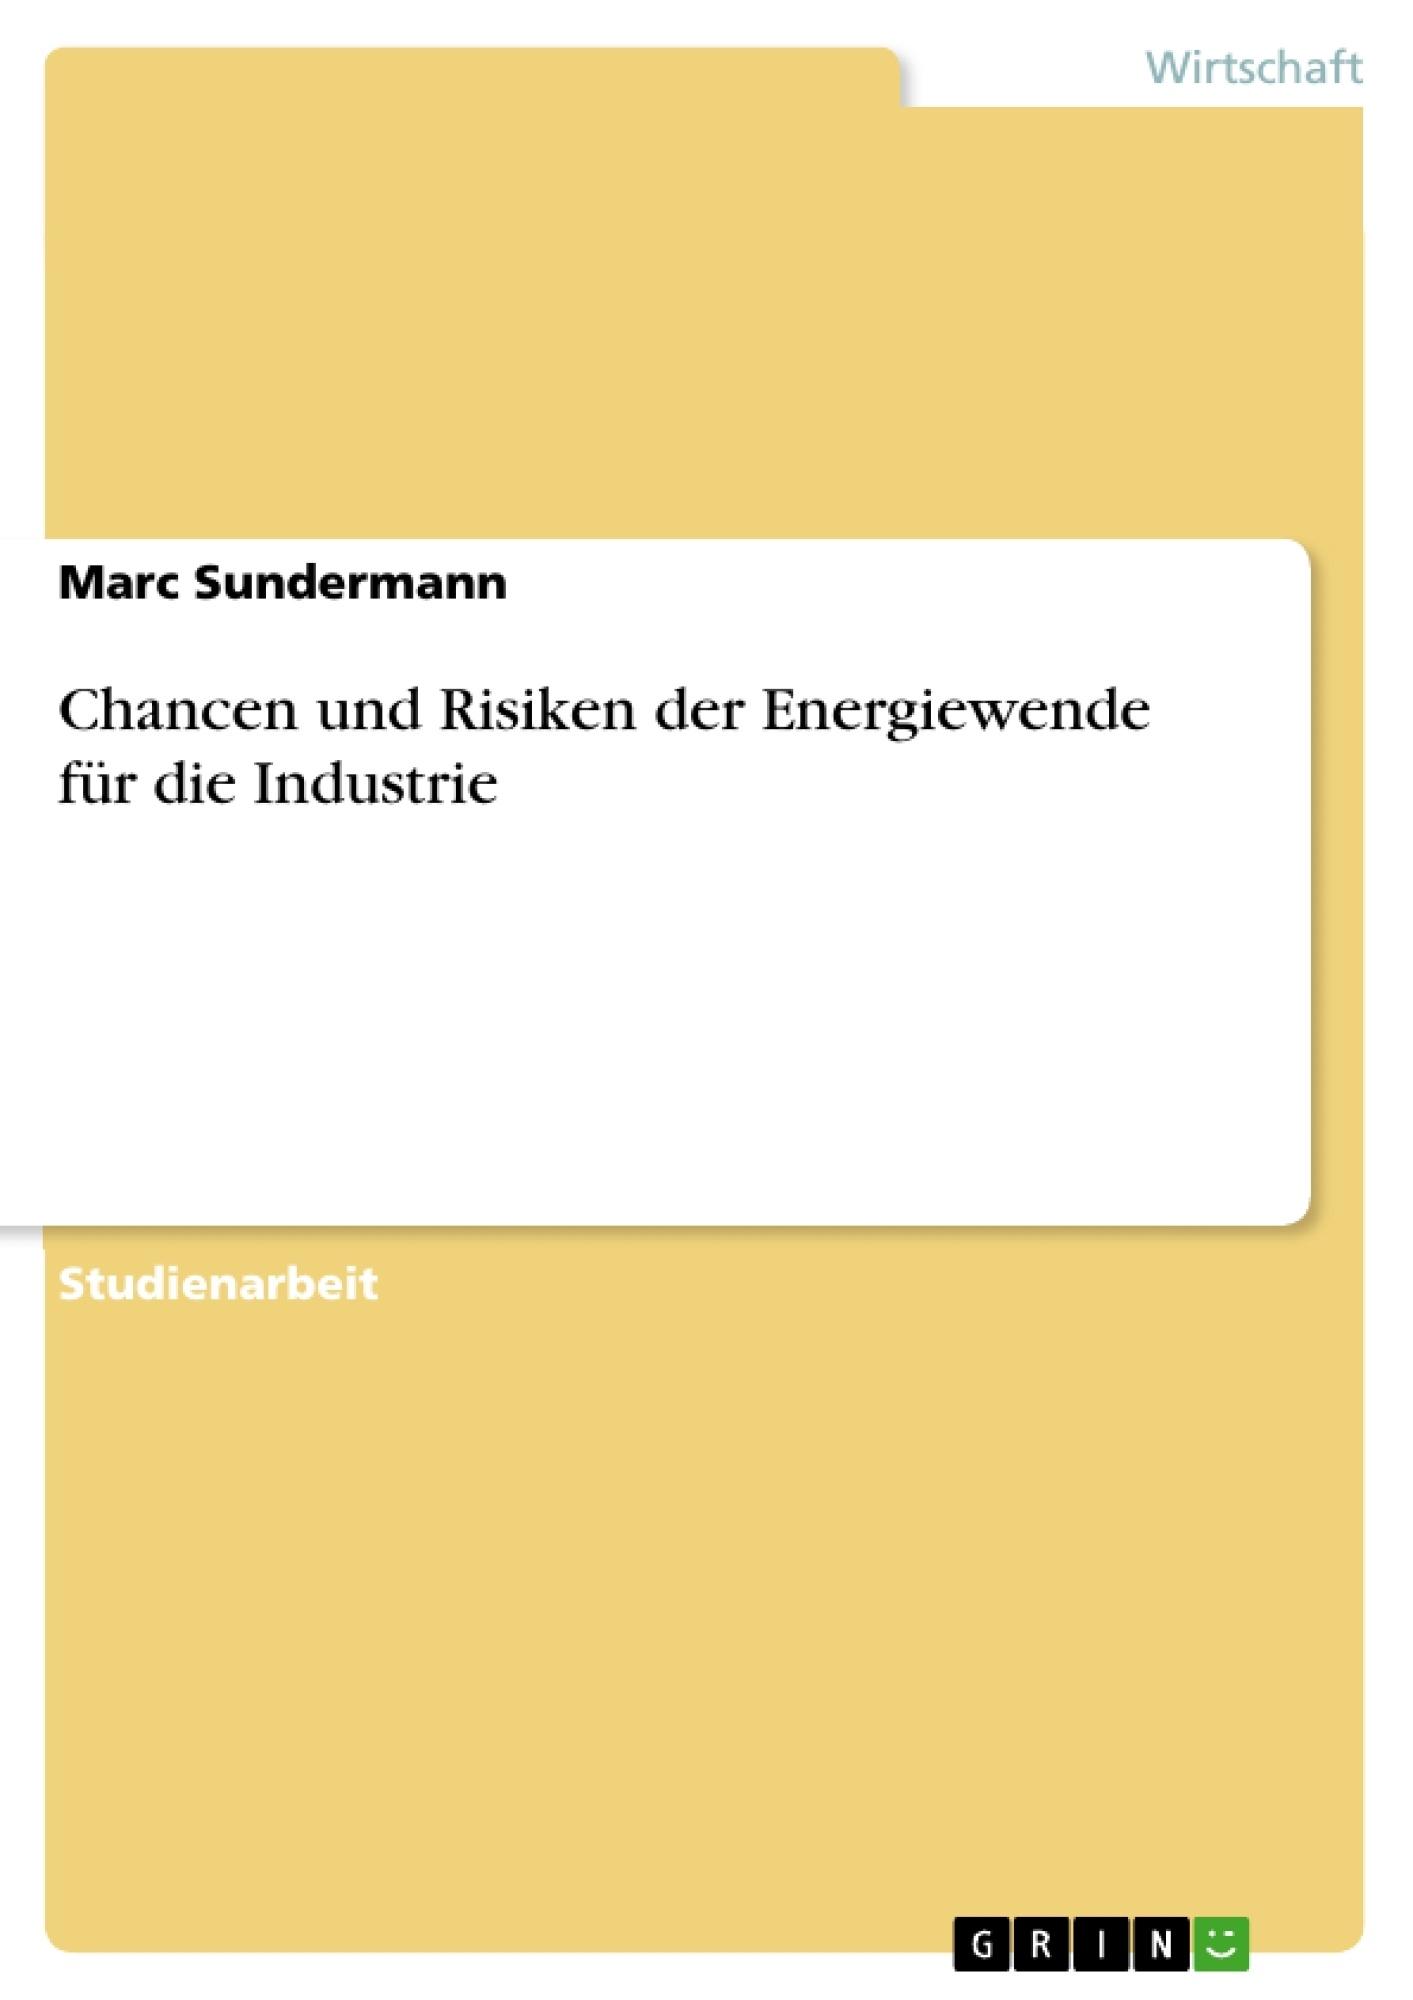 Titel: Chancen und Risiken der Energiewende für die Industrie